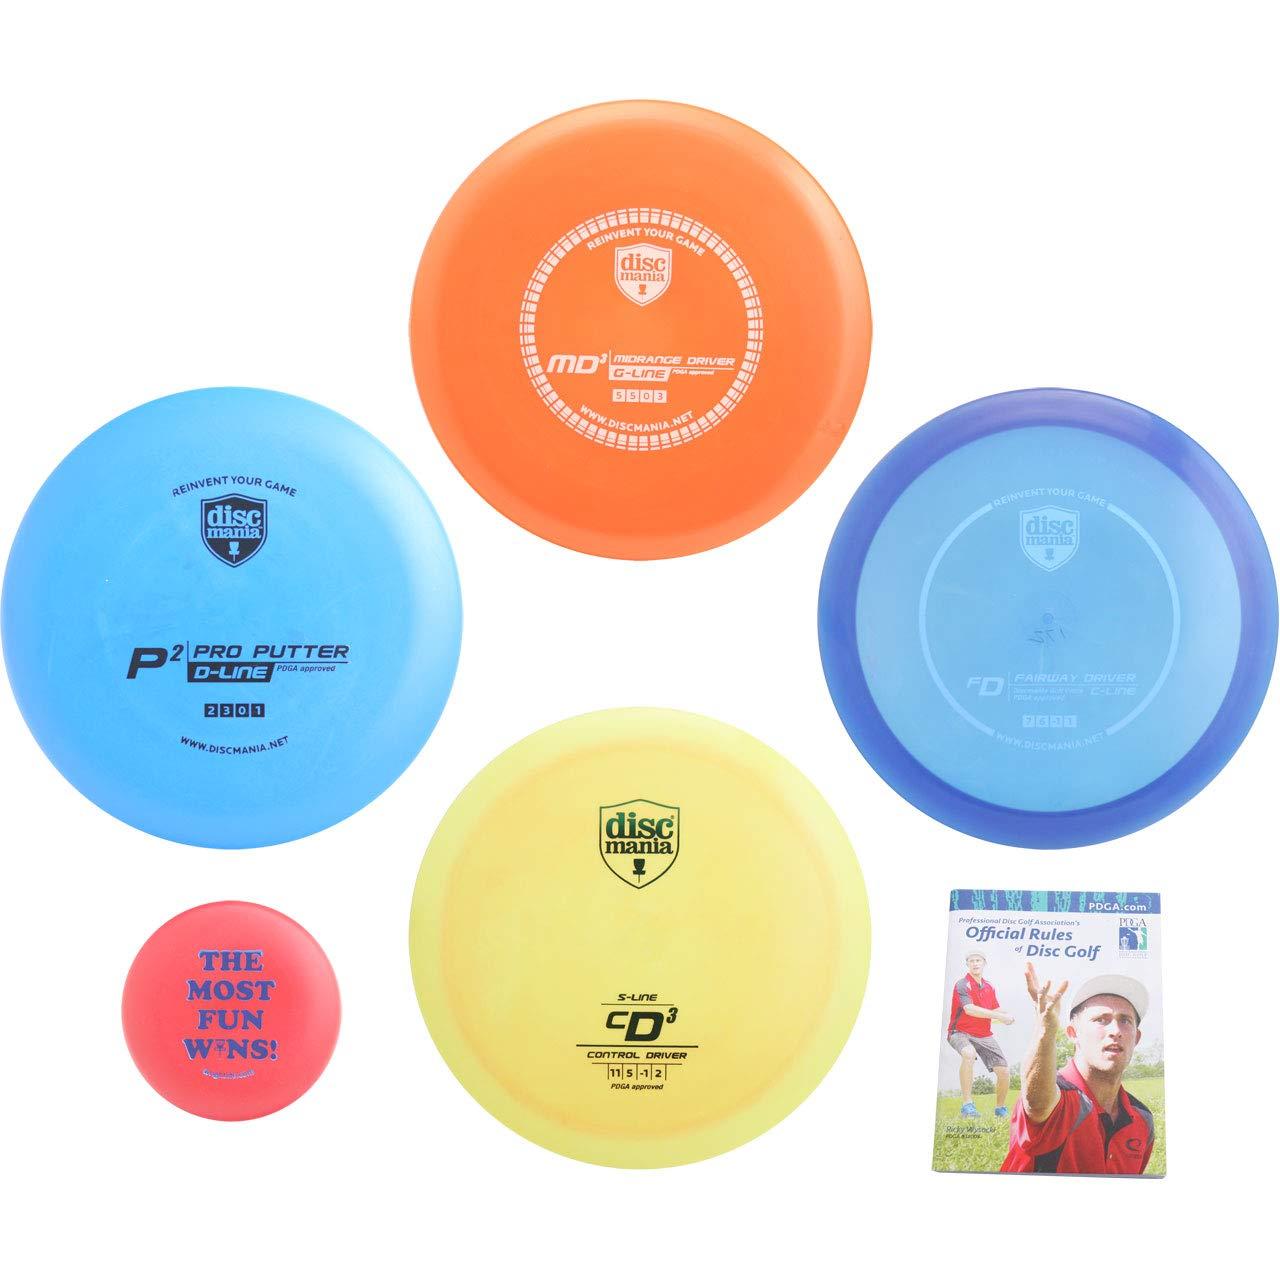 【海外輸入】 Discmania 完全なディスクゴルフバラエティギフトセット – ドライバー、ミッドレンジ – (distance,&パター+ミニマーカーディスク、ルール(5アイテム、色は異なる場合があります) B07K1DDGJF 4 discs (distance, fairway, mid-range, putter, extras) B07K1DDGJF, タイヤ屋マルキ商店:5fc6f691 --- realcalcados.com.br